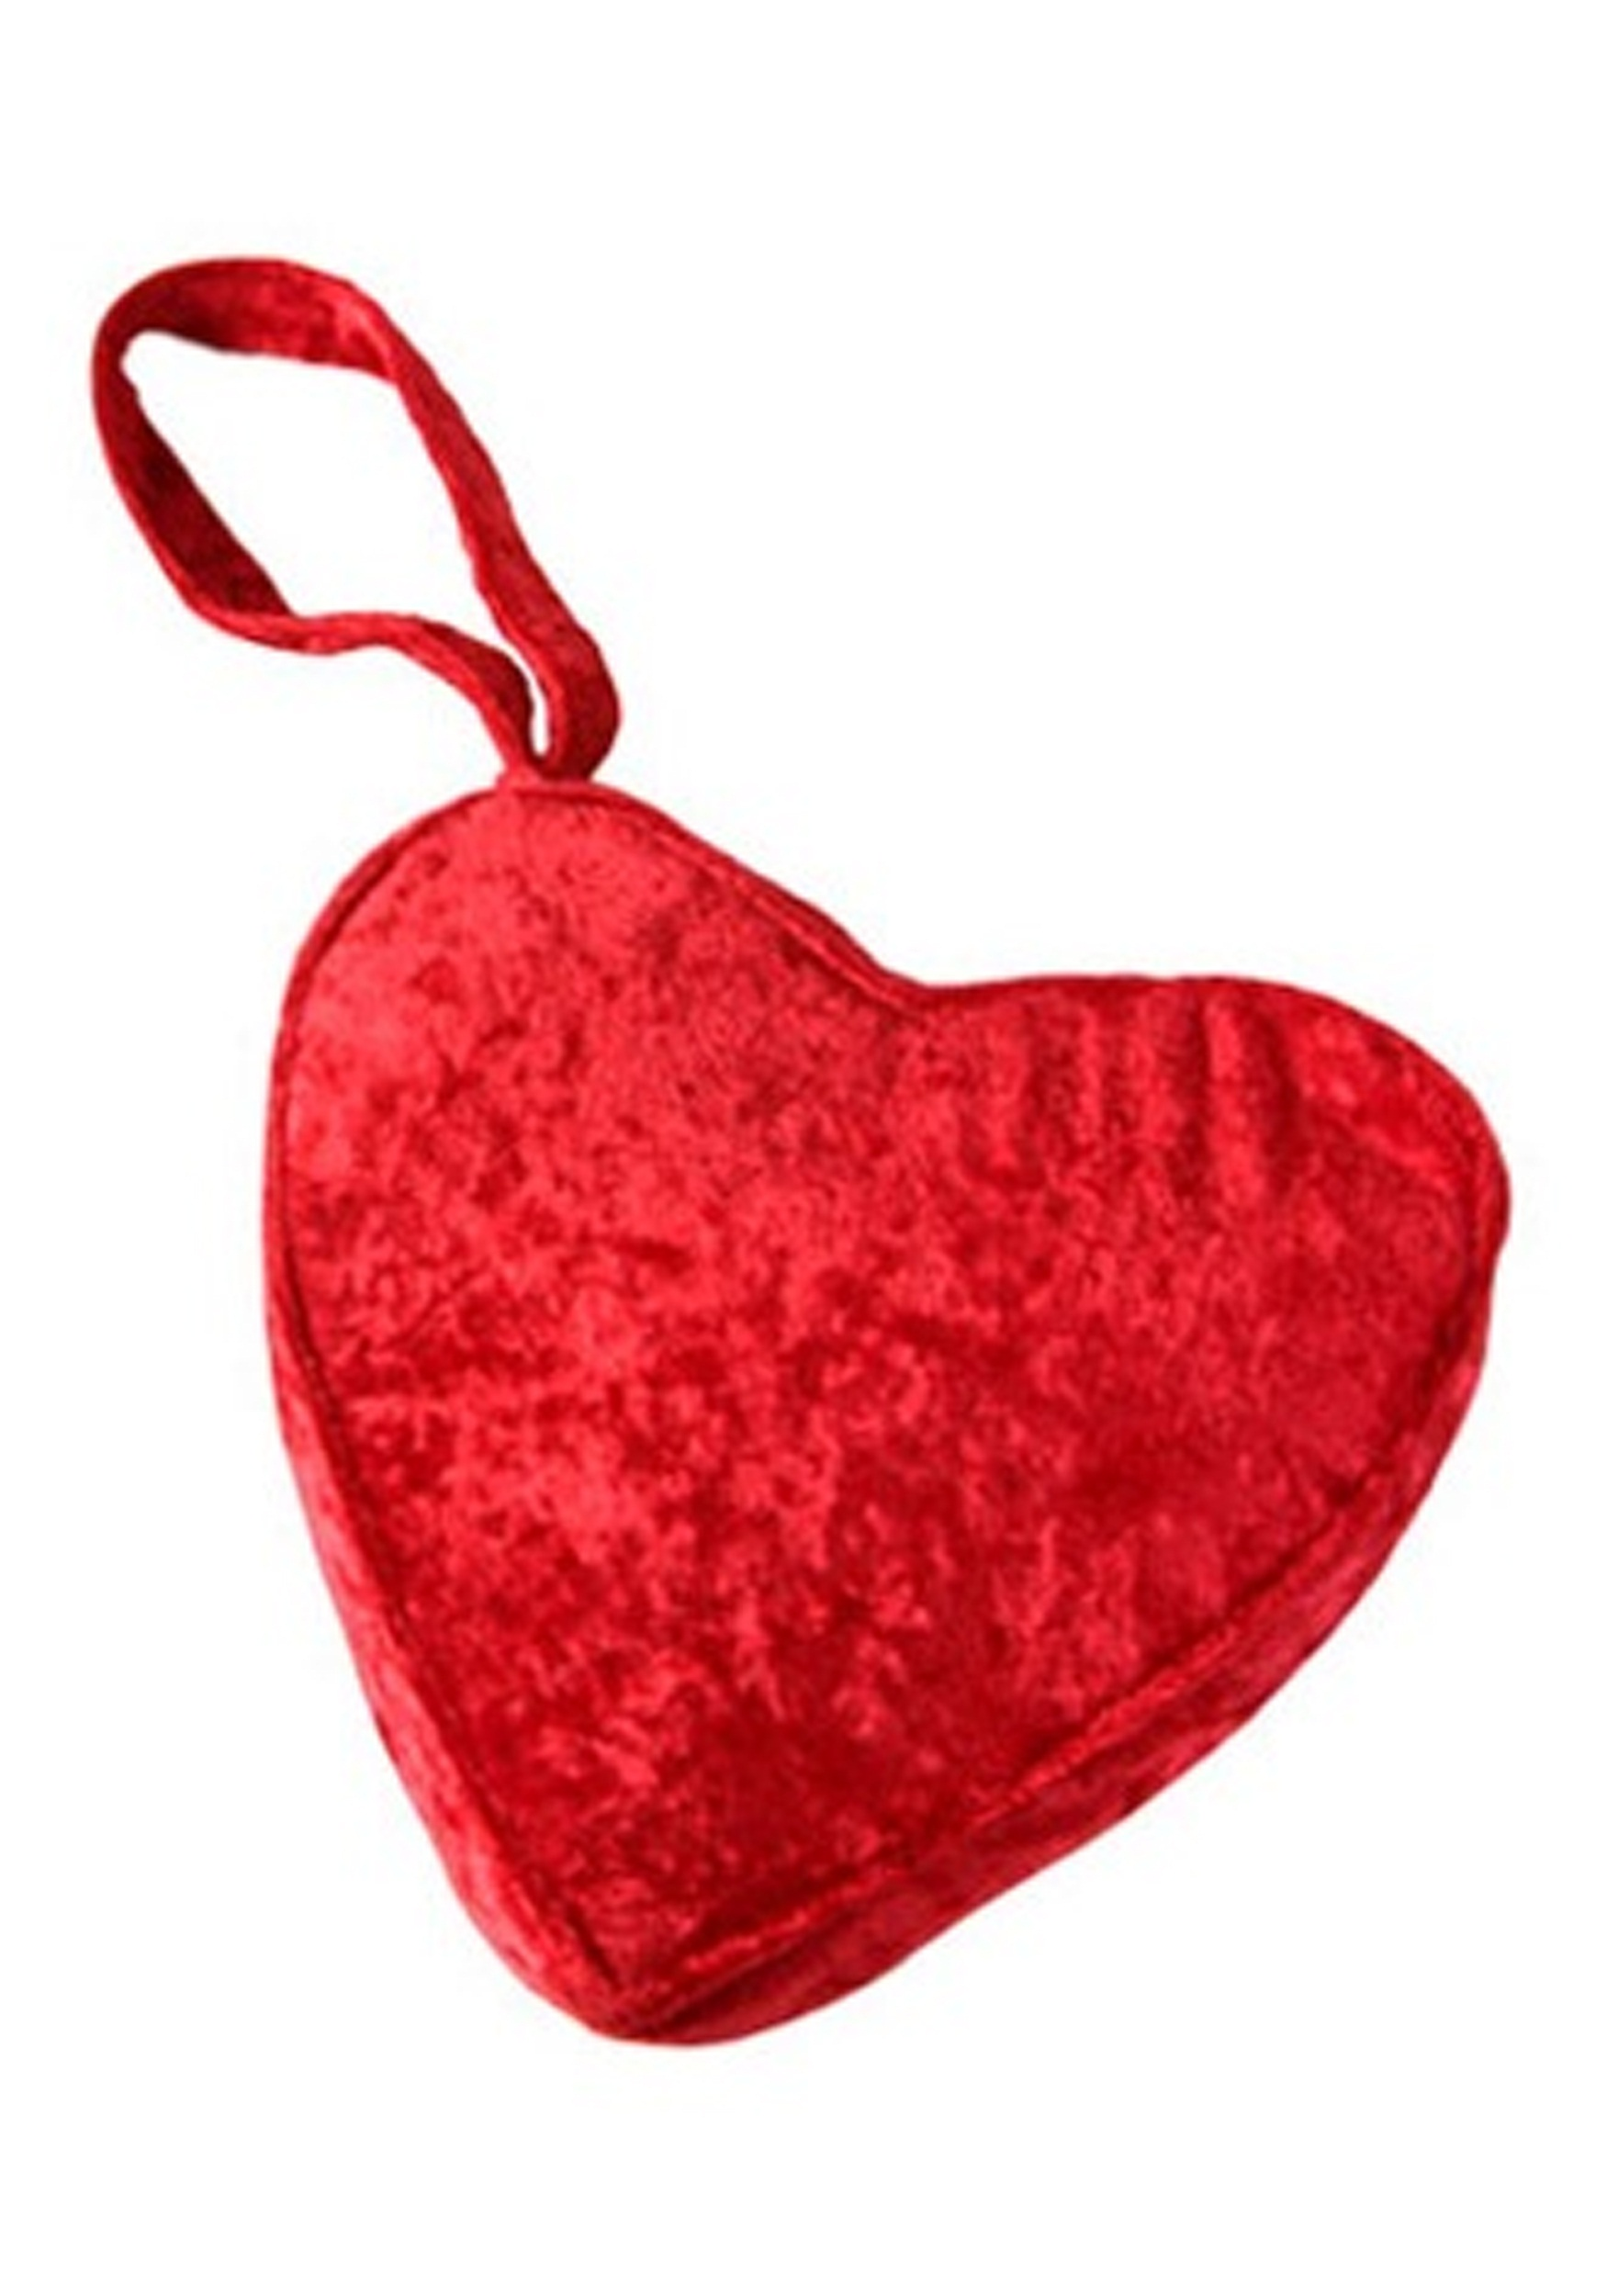 Heart Purse (FUN0021-ST FUN0021) photo